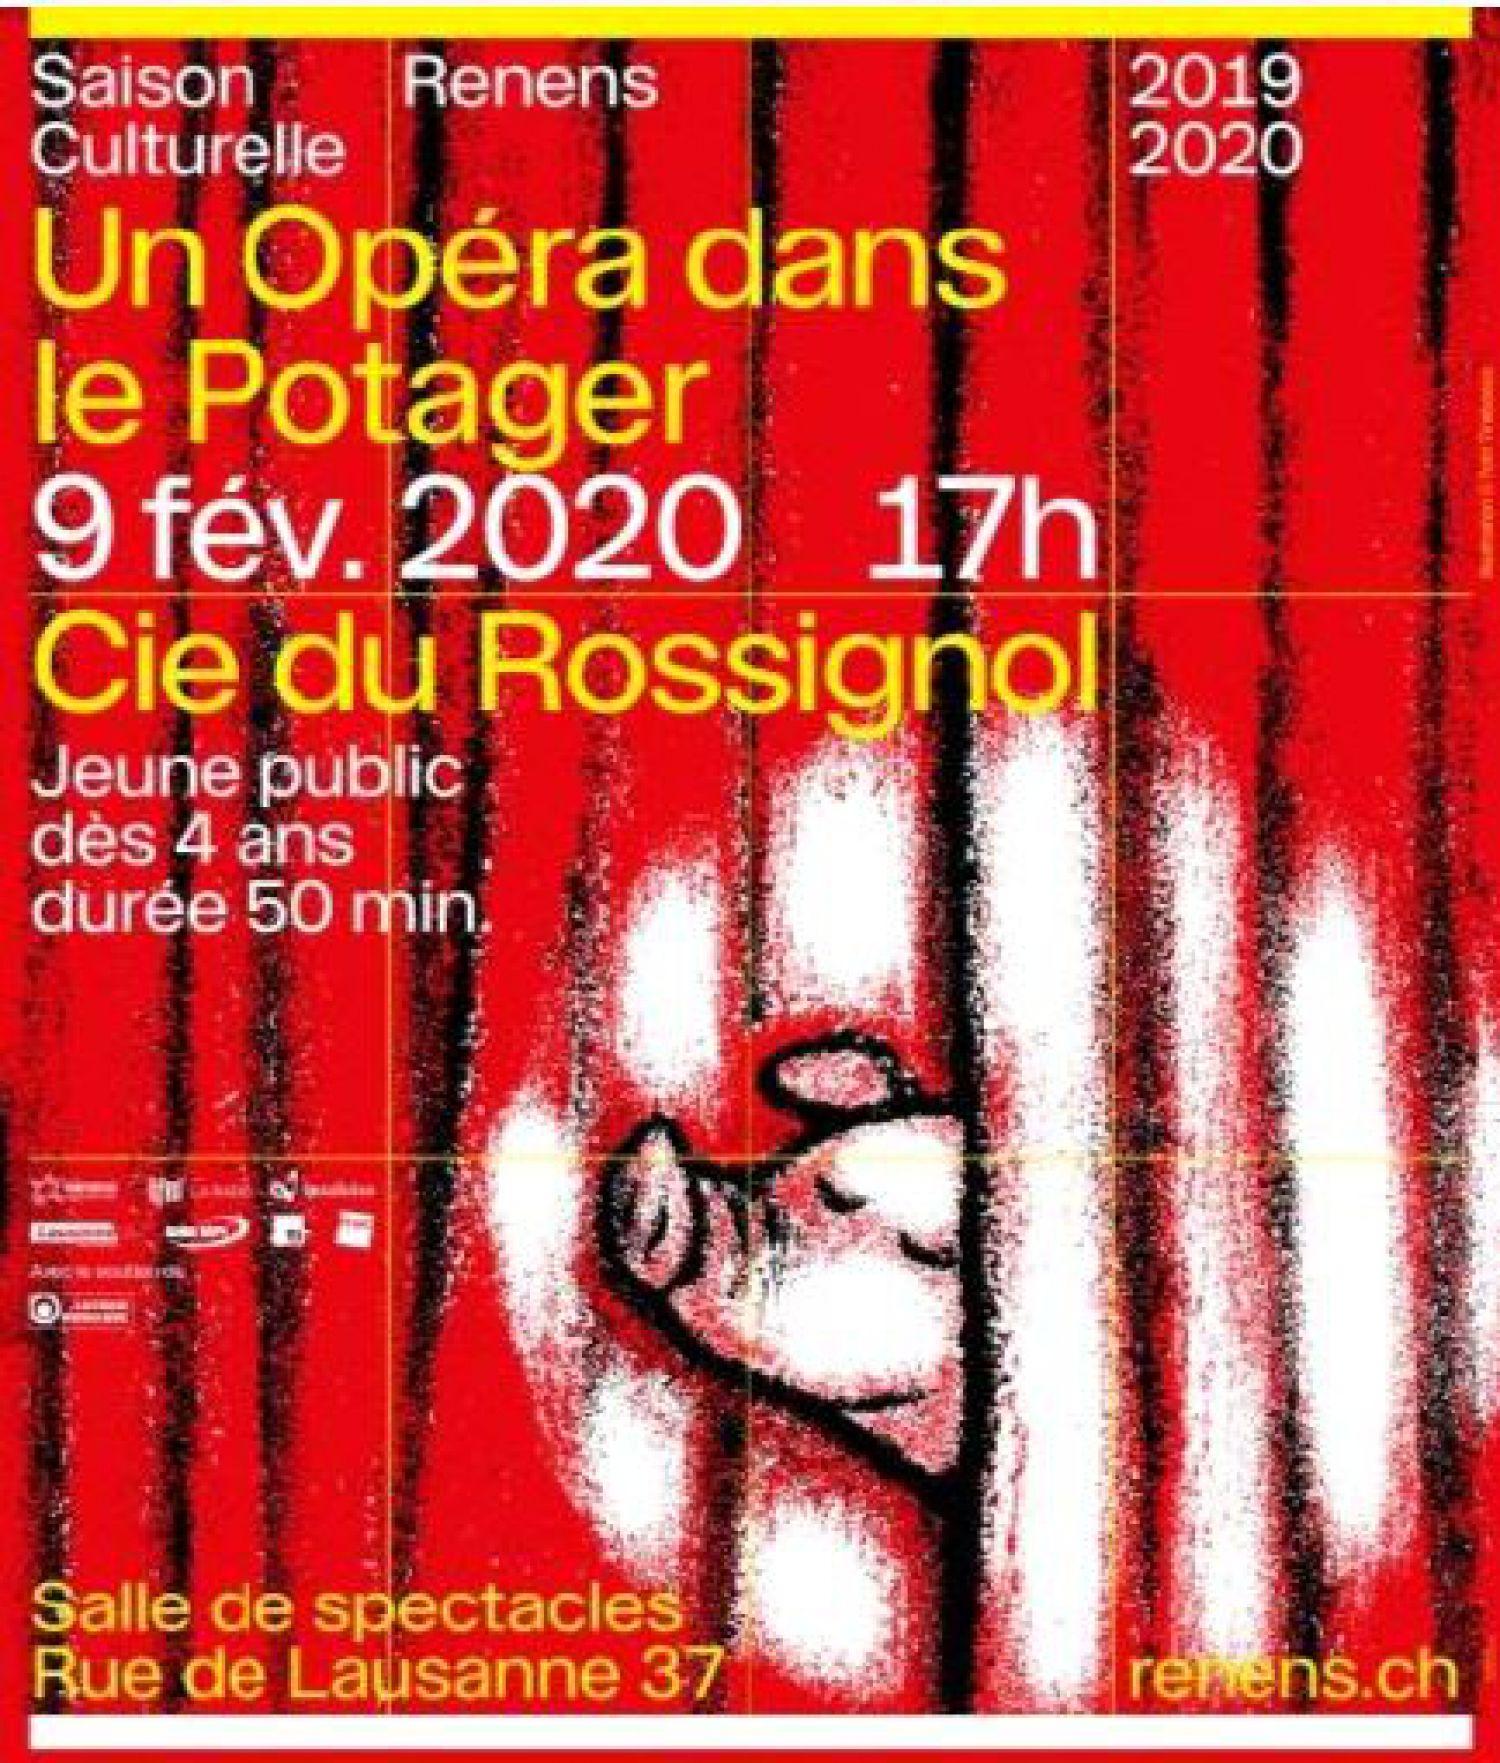 Saison culturelle : Salle de spectacles - 9 février à 17h - Un opéra dans le potager